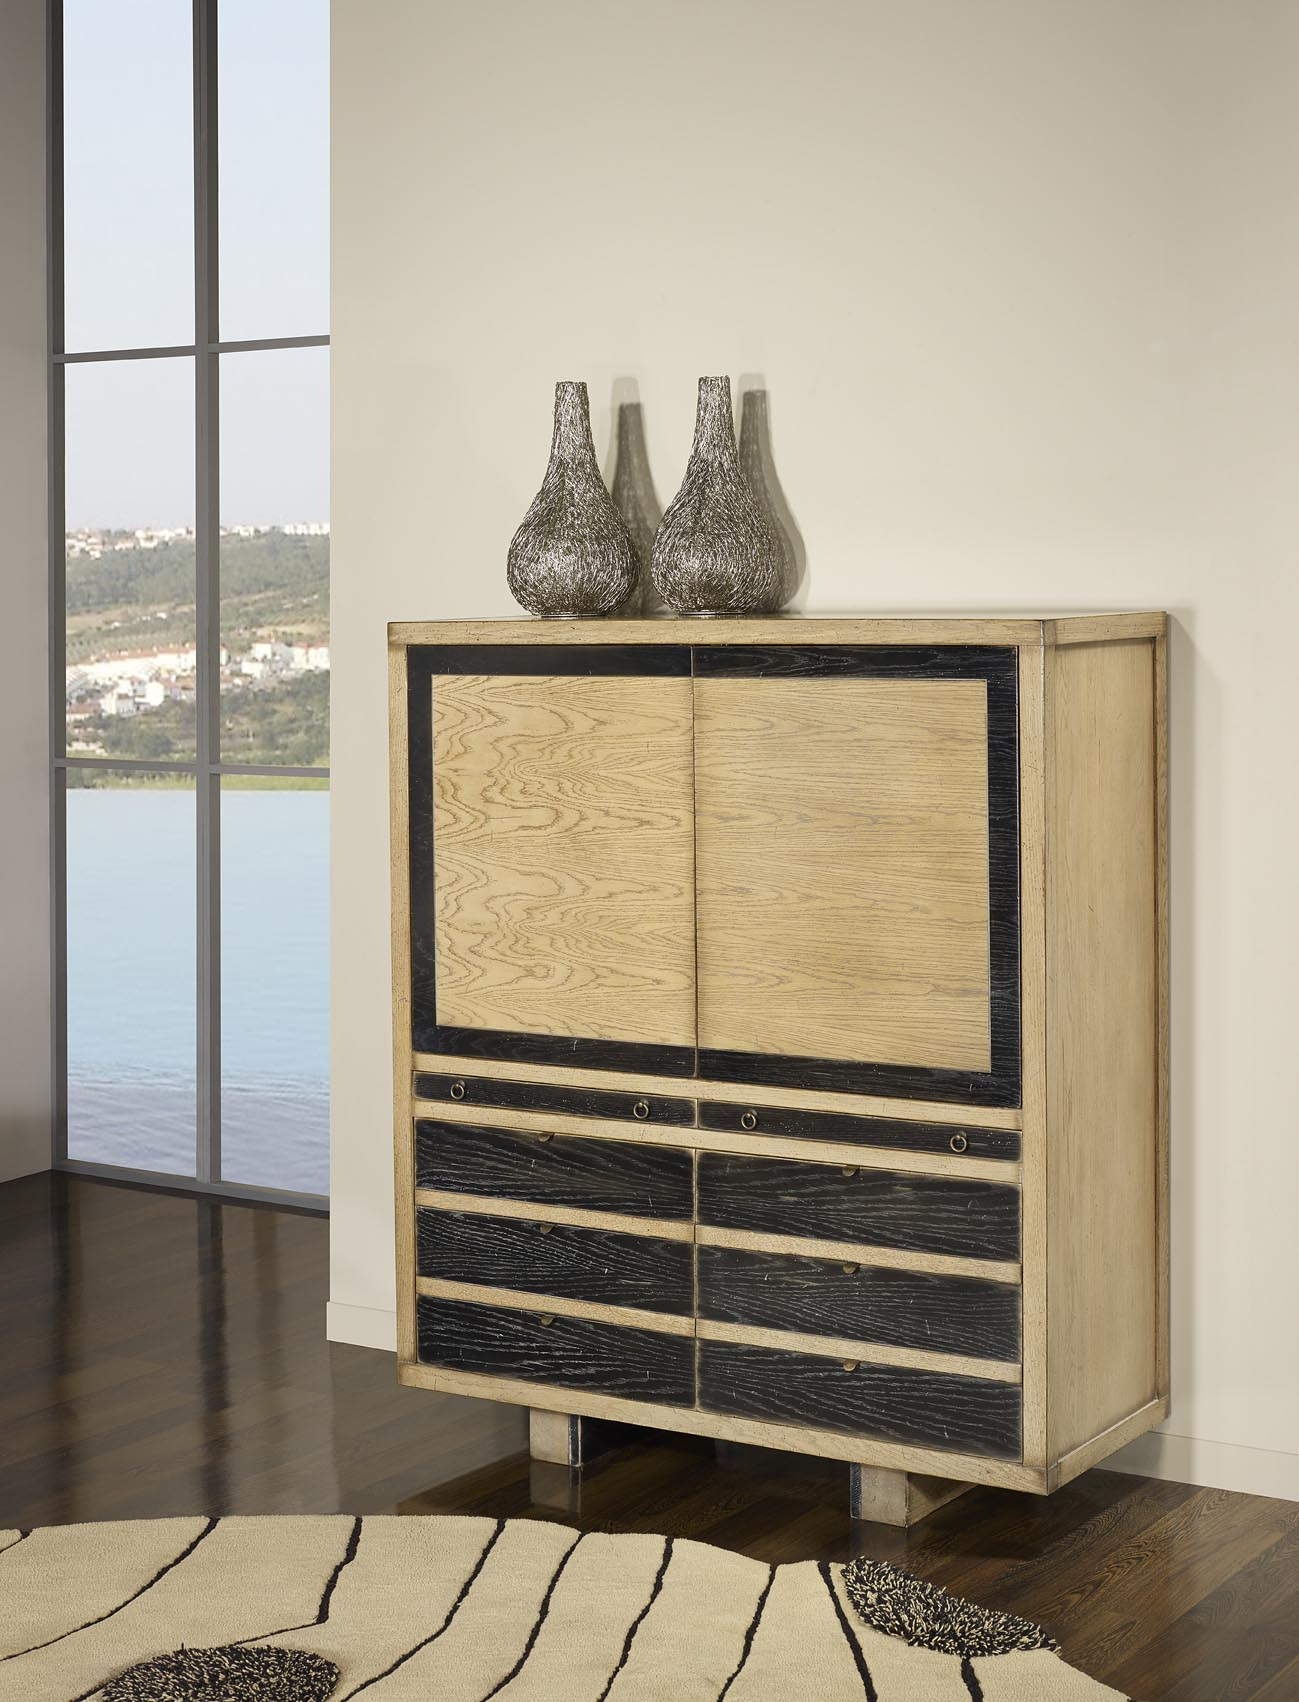 Bahut 4 portes 2 tiroirs en ch ne massif de style contemporain vintage meub - Bahut bois massif contemporain ...